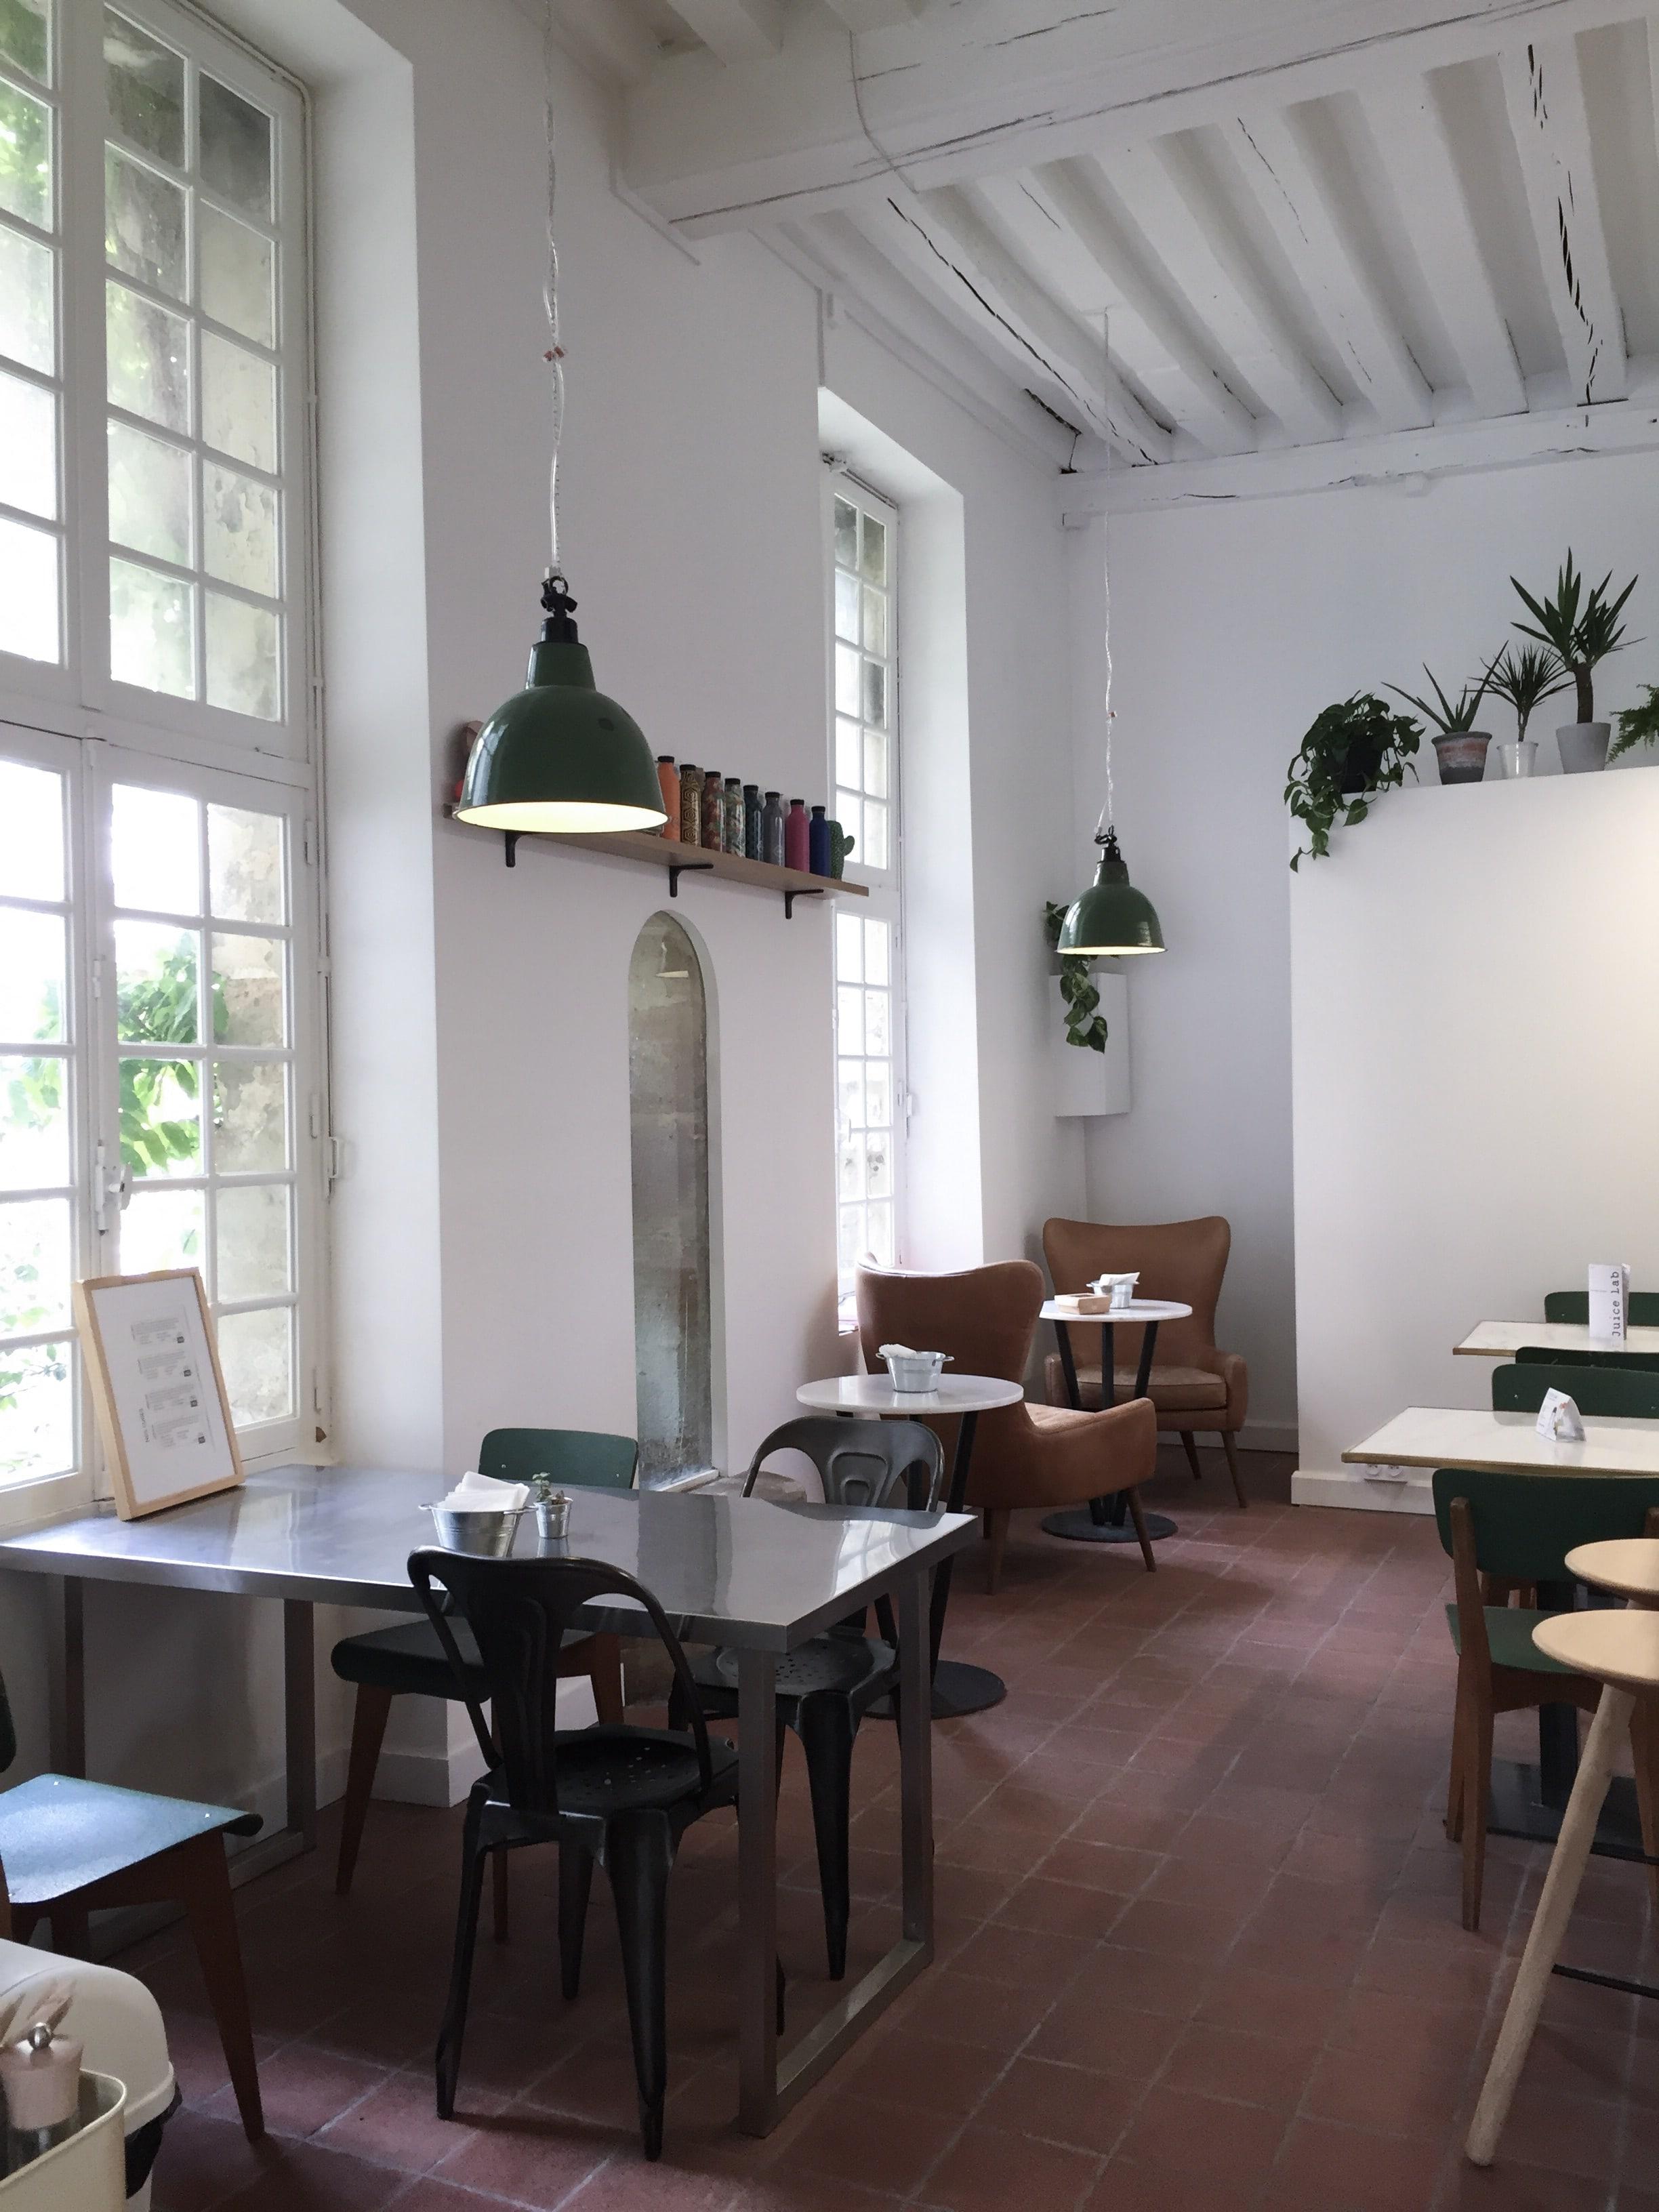 juice bar café in paris